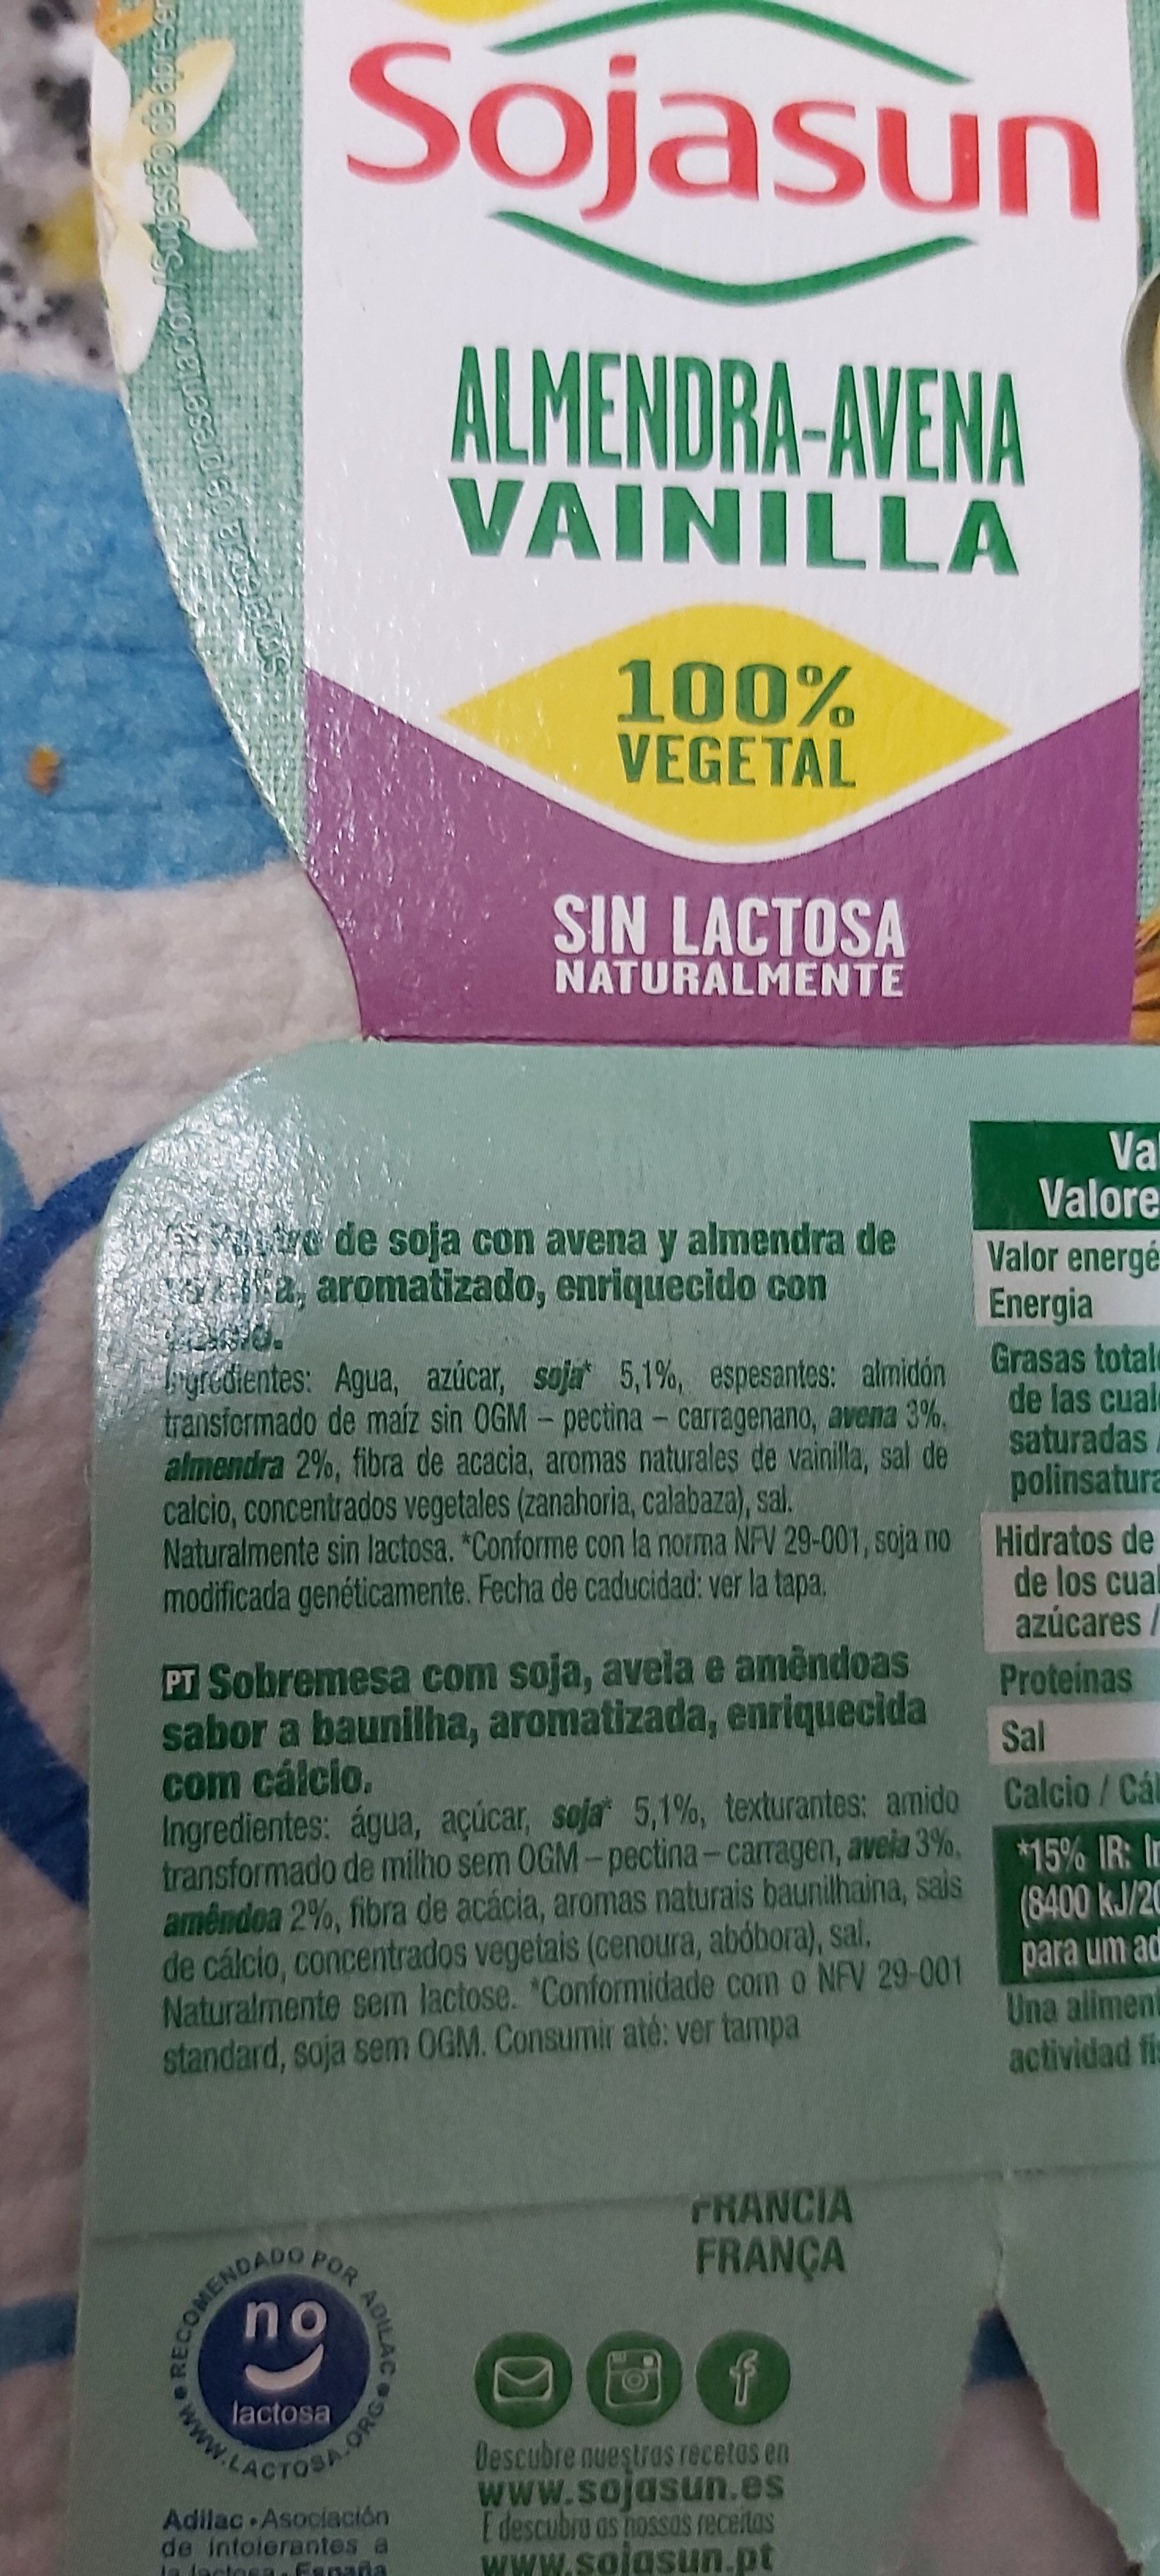 Natillas almendra-avena - Ingrédients - es